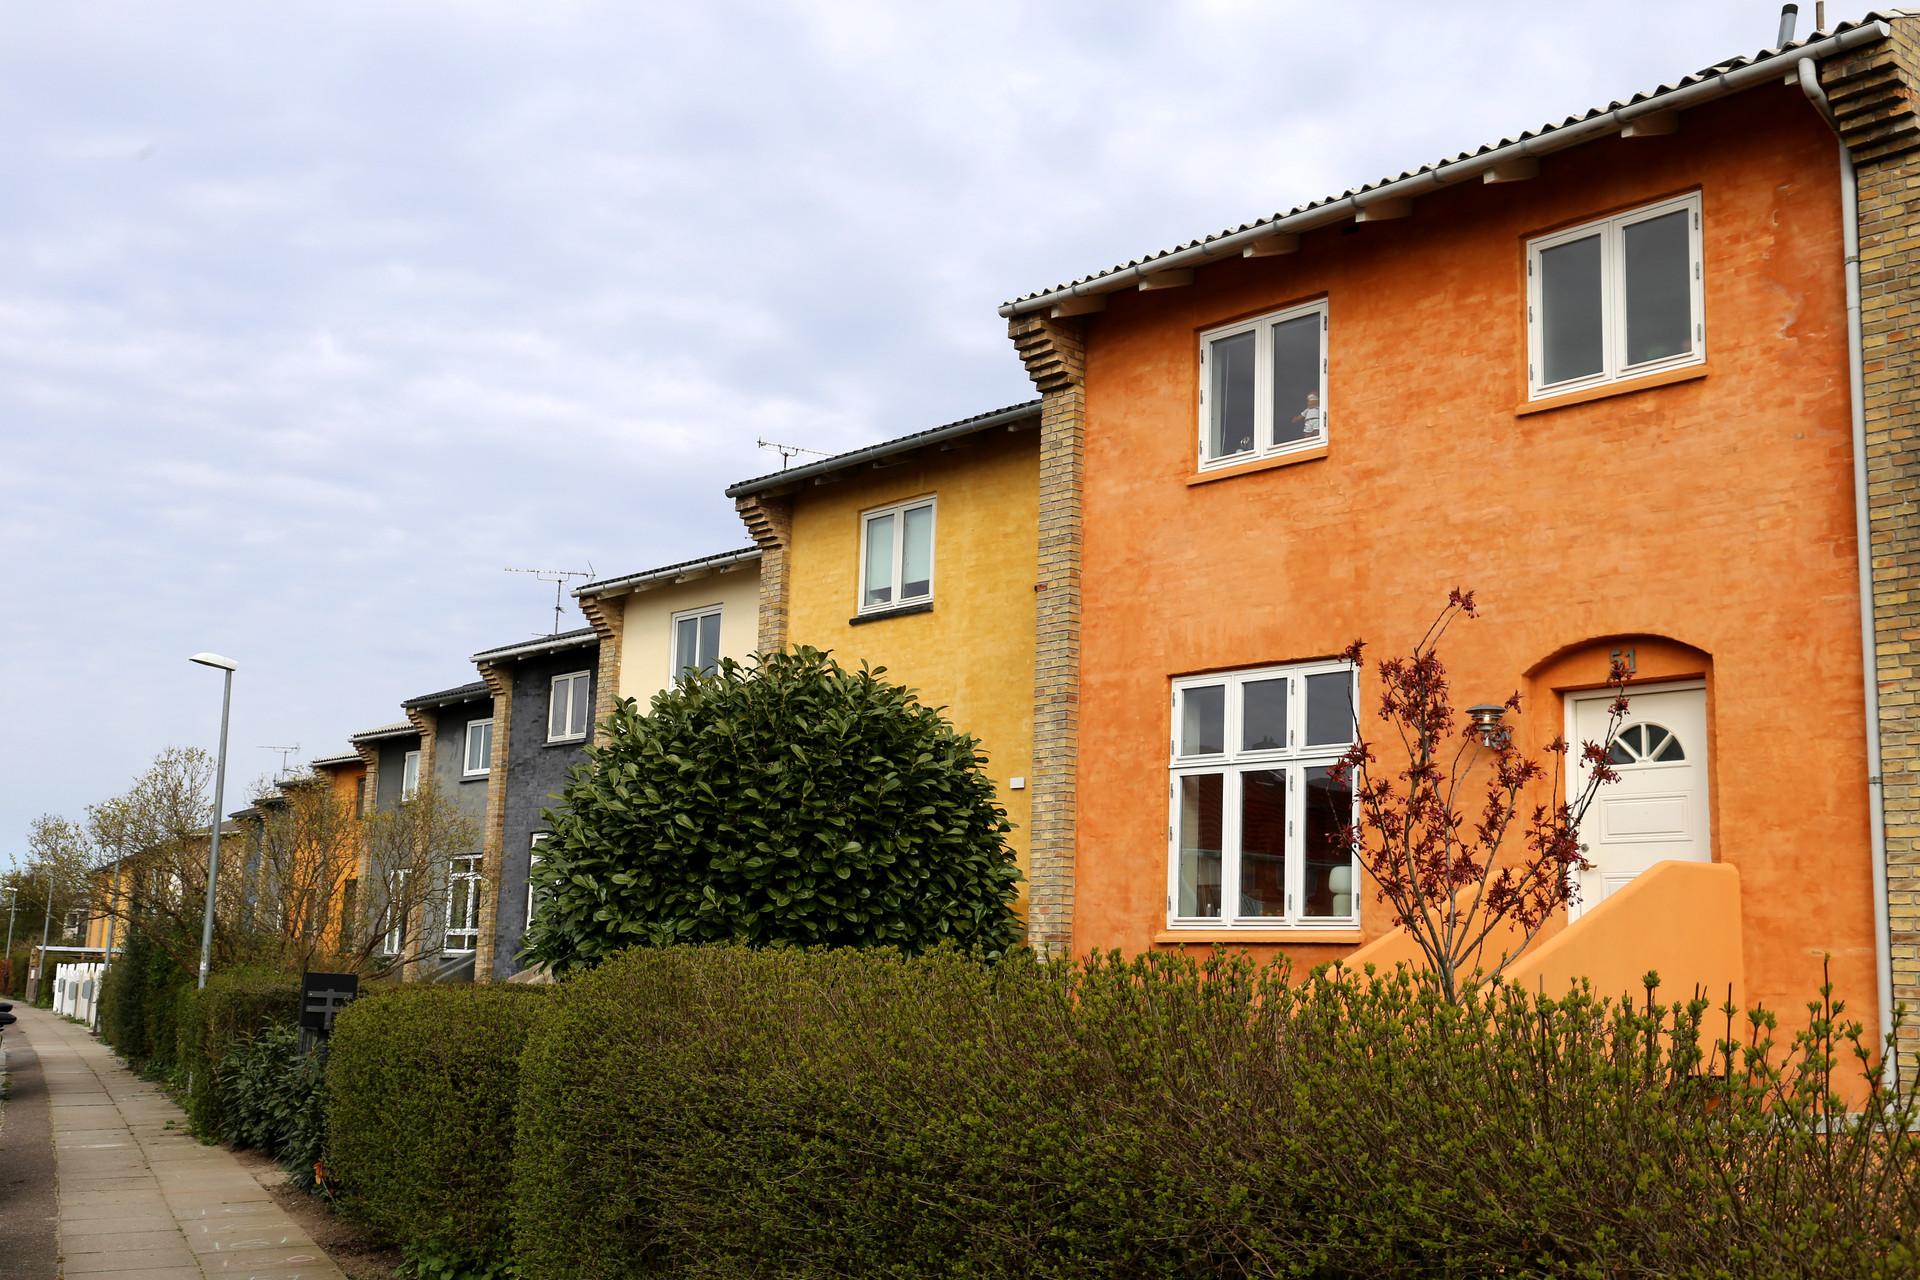 Rækkehuse i Tårnby